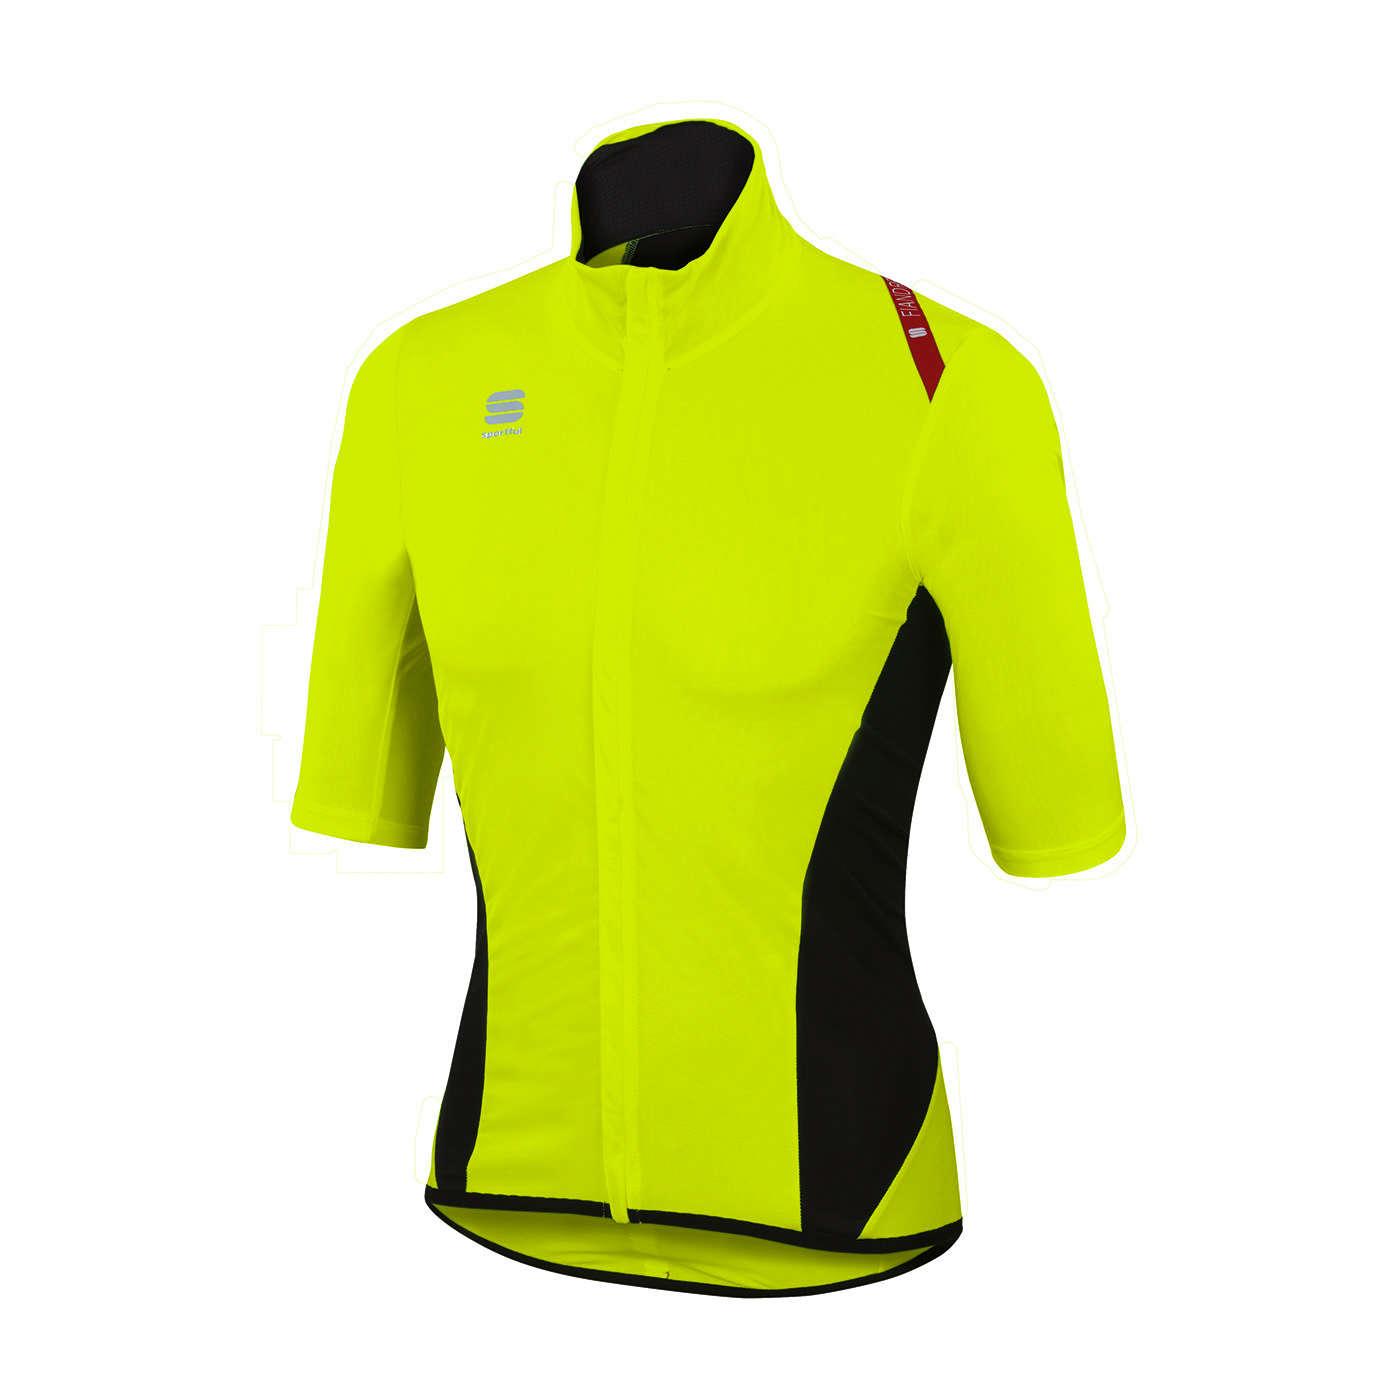 6d8f21e6173 Sportful Fiandre Light Norain Fietsshirt Korte Mouwen Geel/Zwart Heren